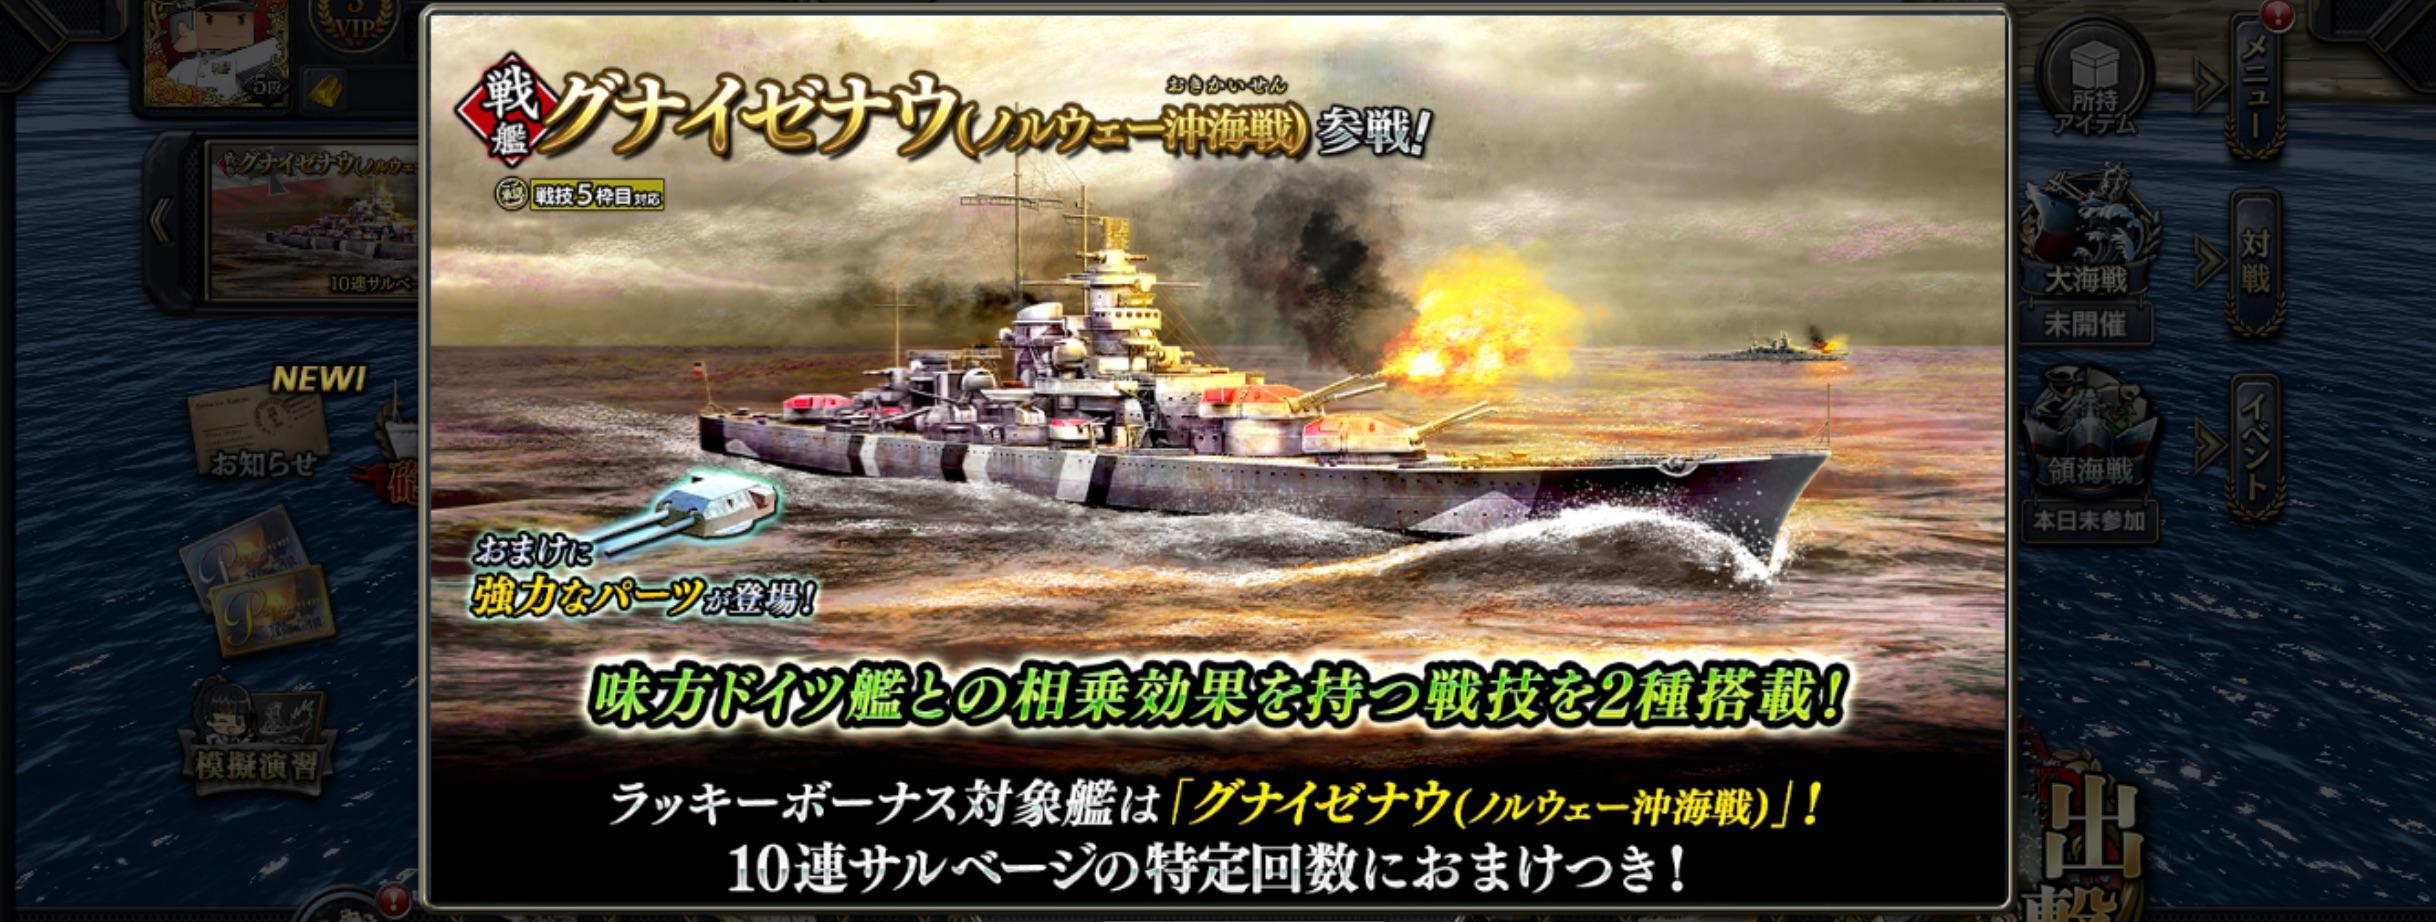 battleship-GneiNP